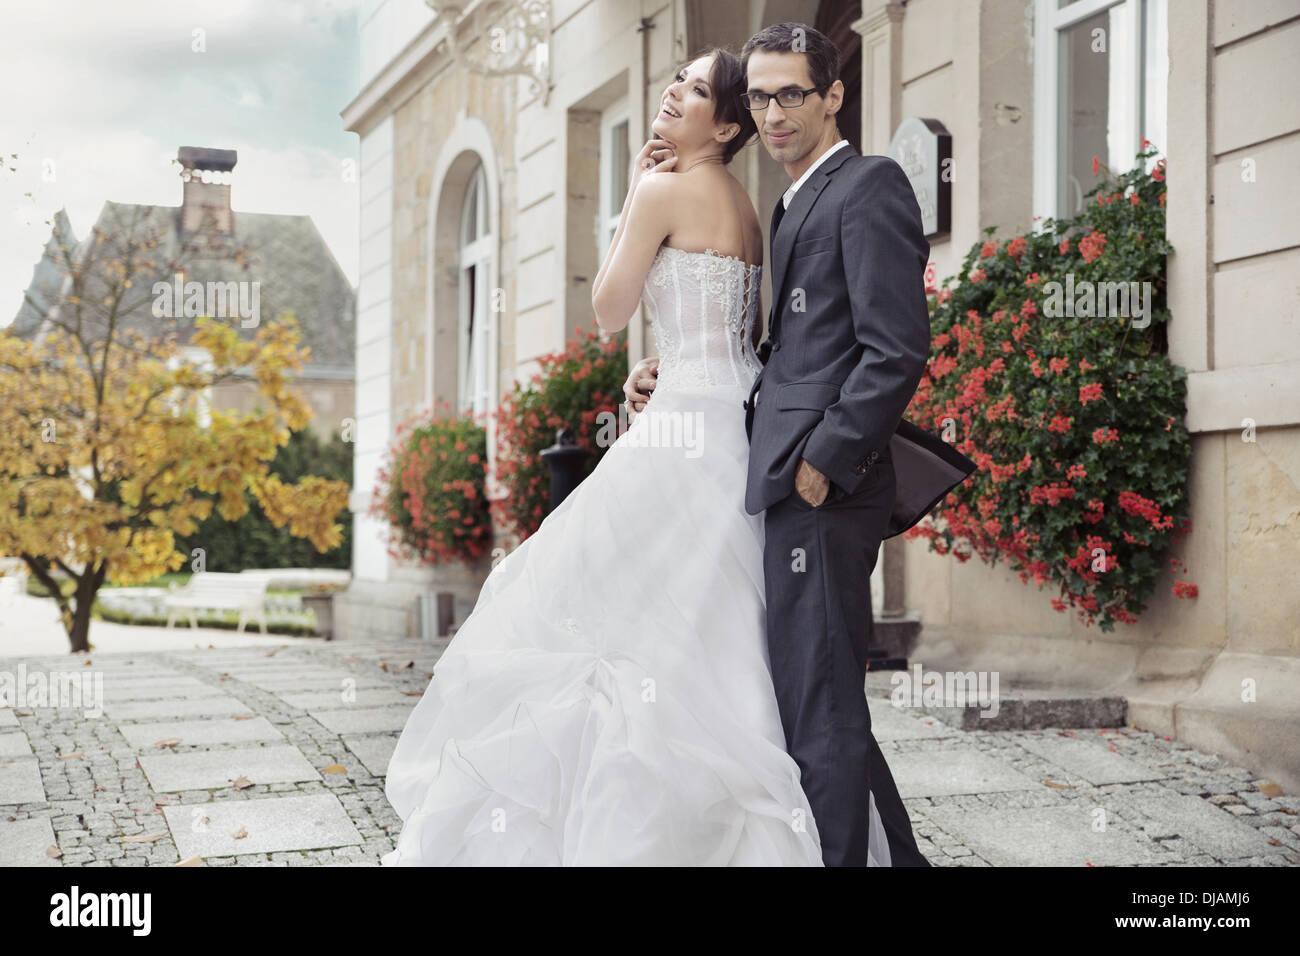 Junge Braut im Männer zärtliche Umarmung Stockbild